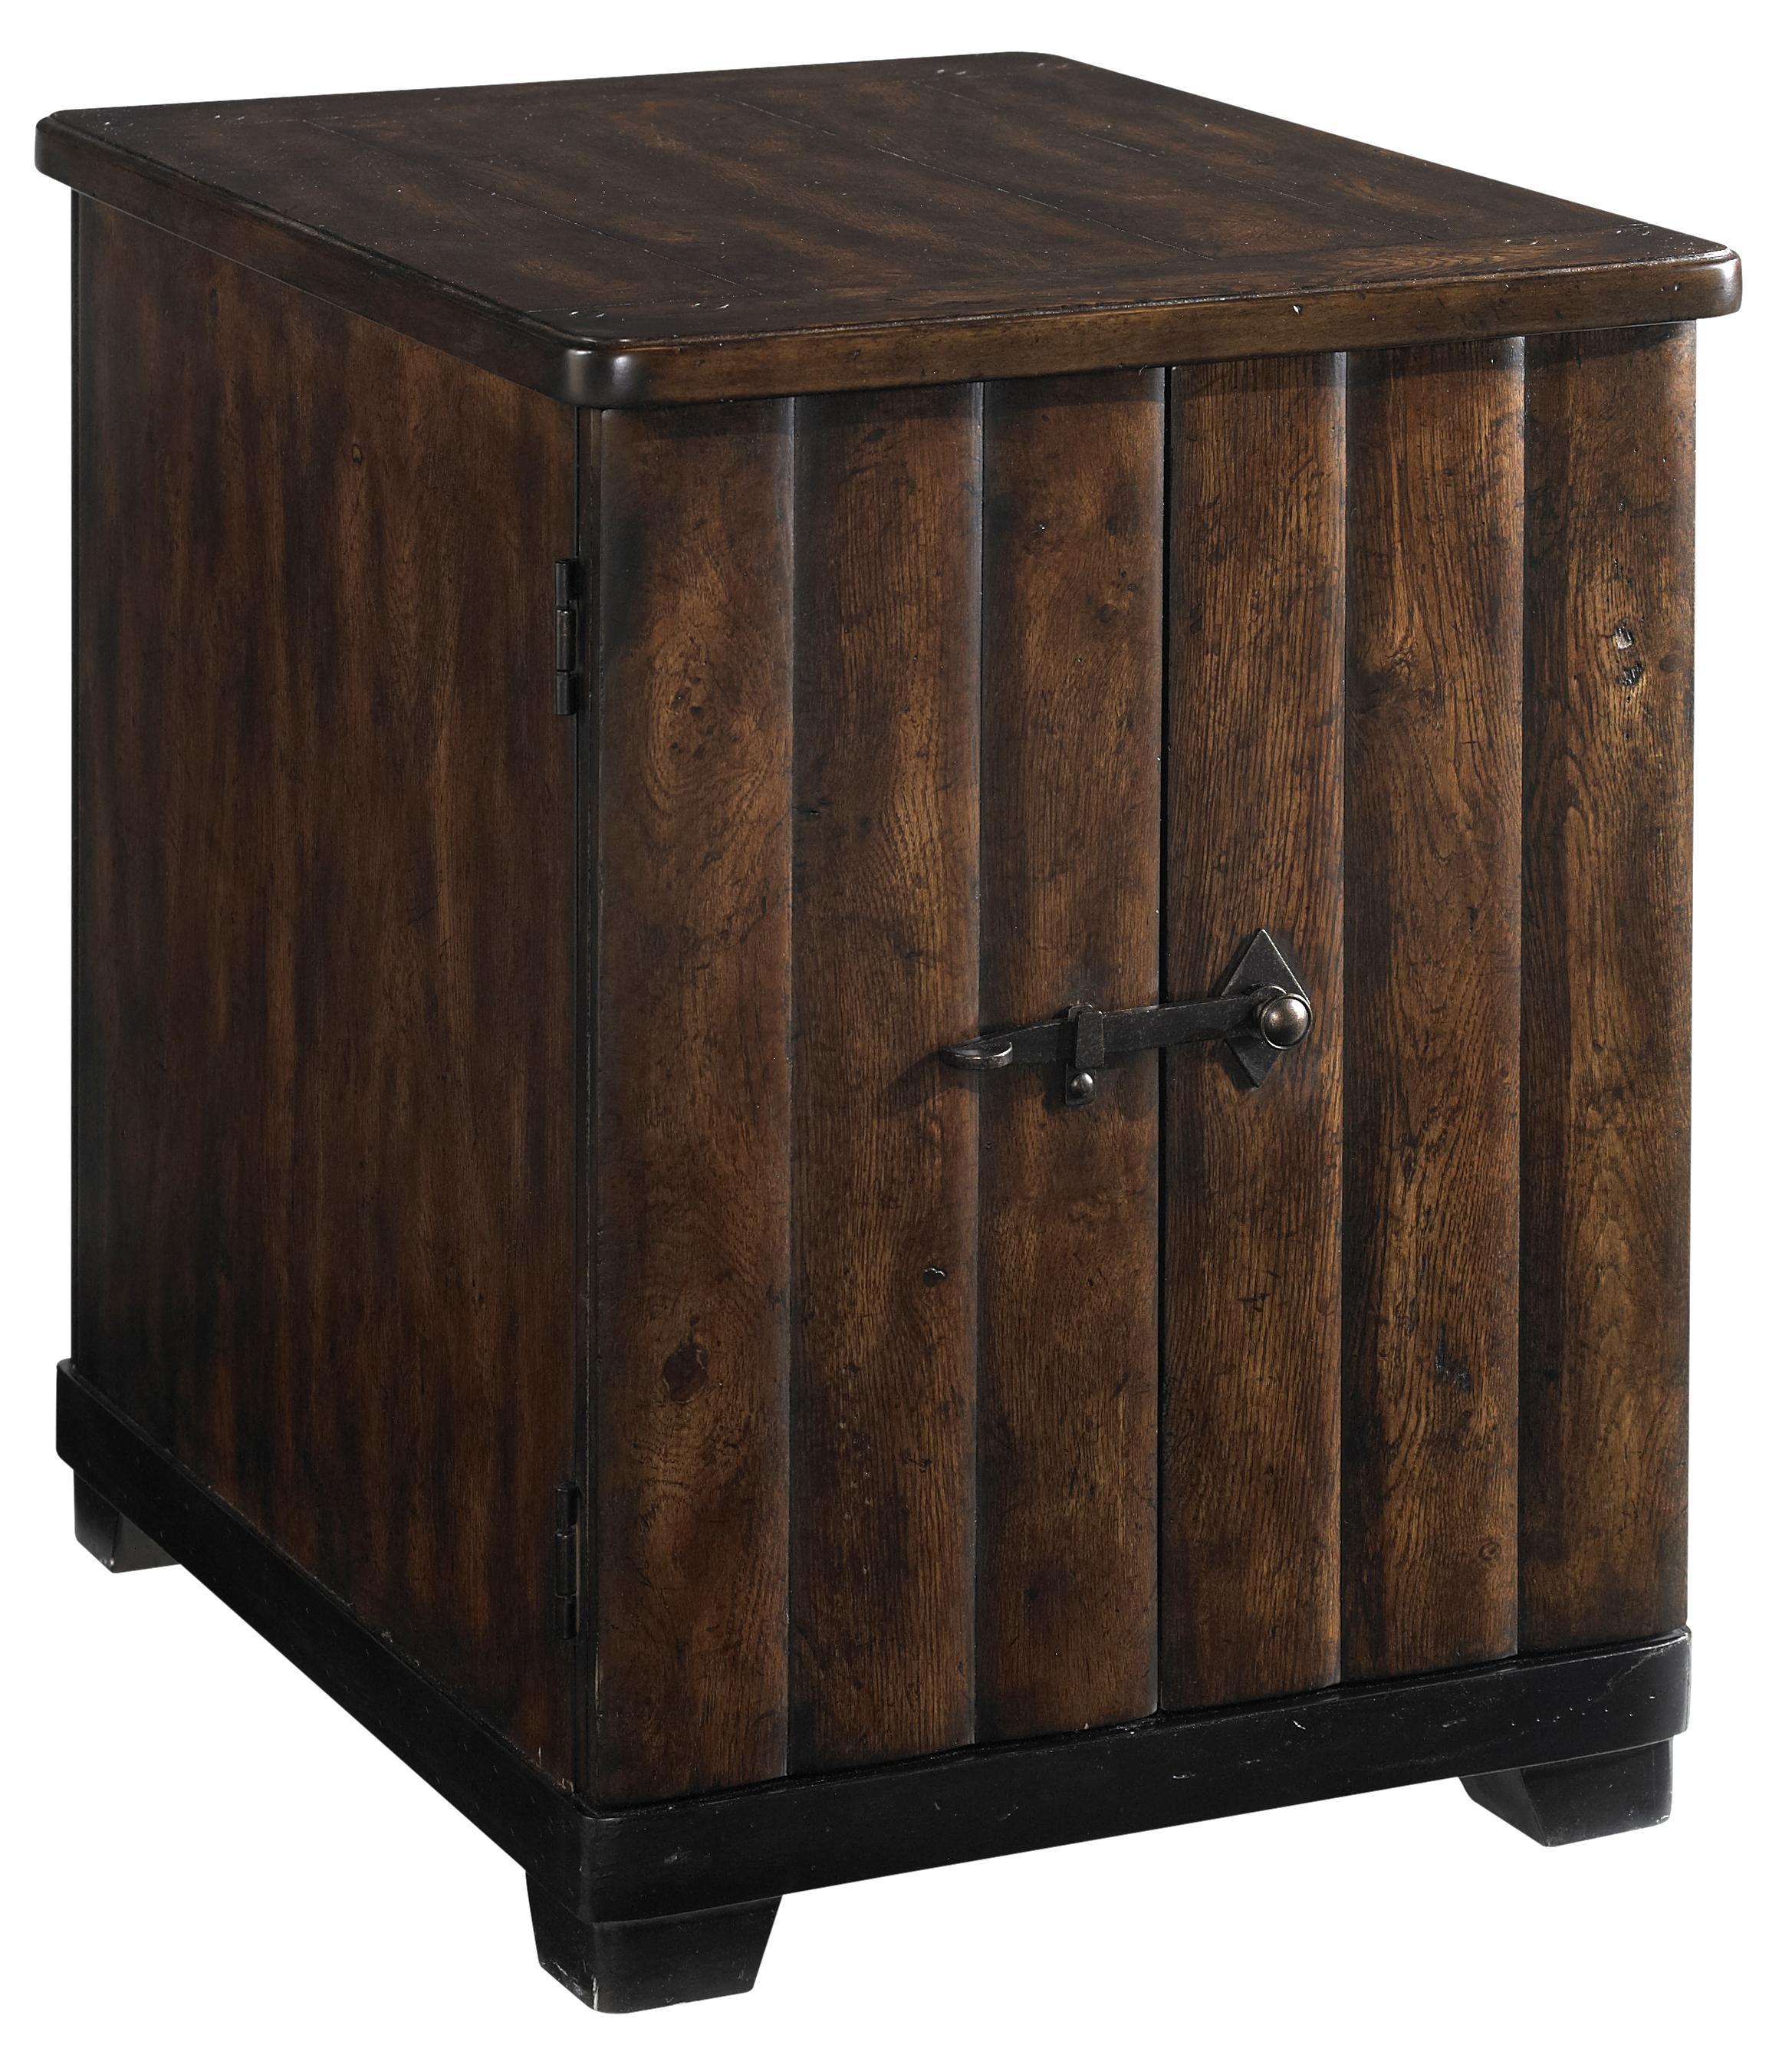 Belfort Signature Belvedere Chairside Table - Item Number: 205310-2304